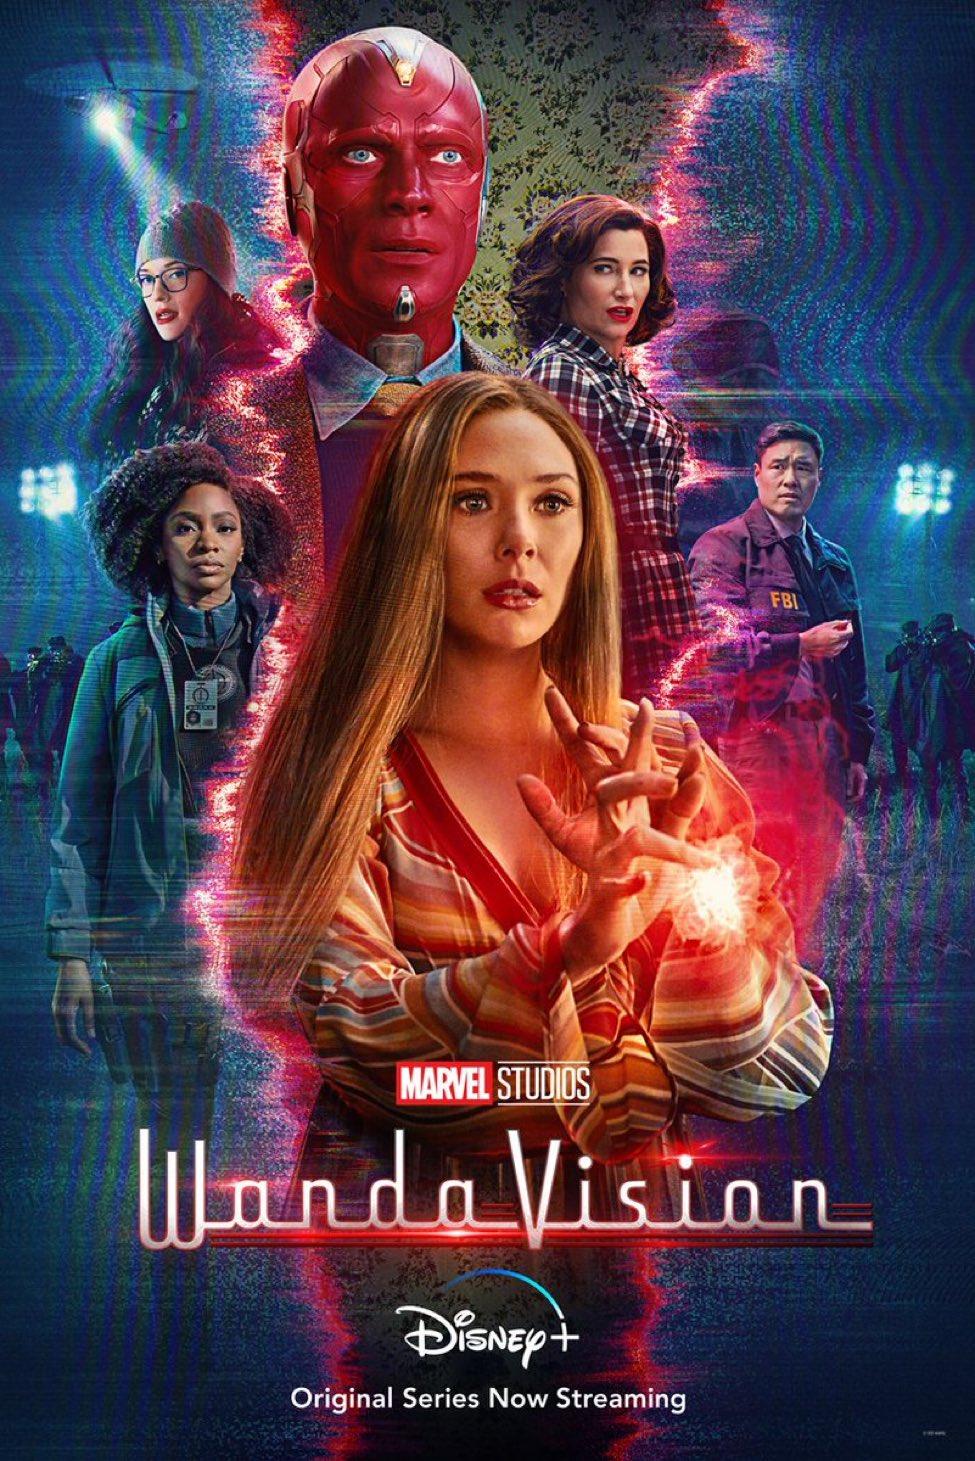 'WandaVision' libera nuevo tráiler y pósters de cara al episodio 5